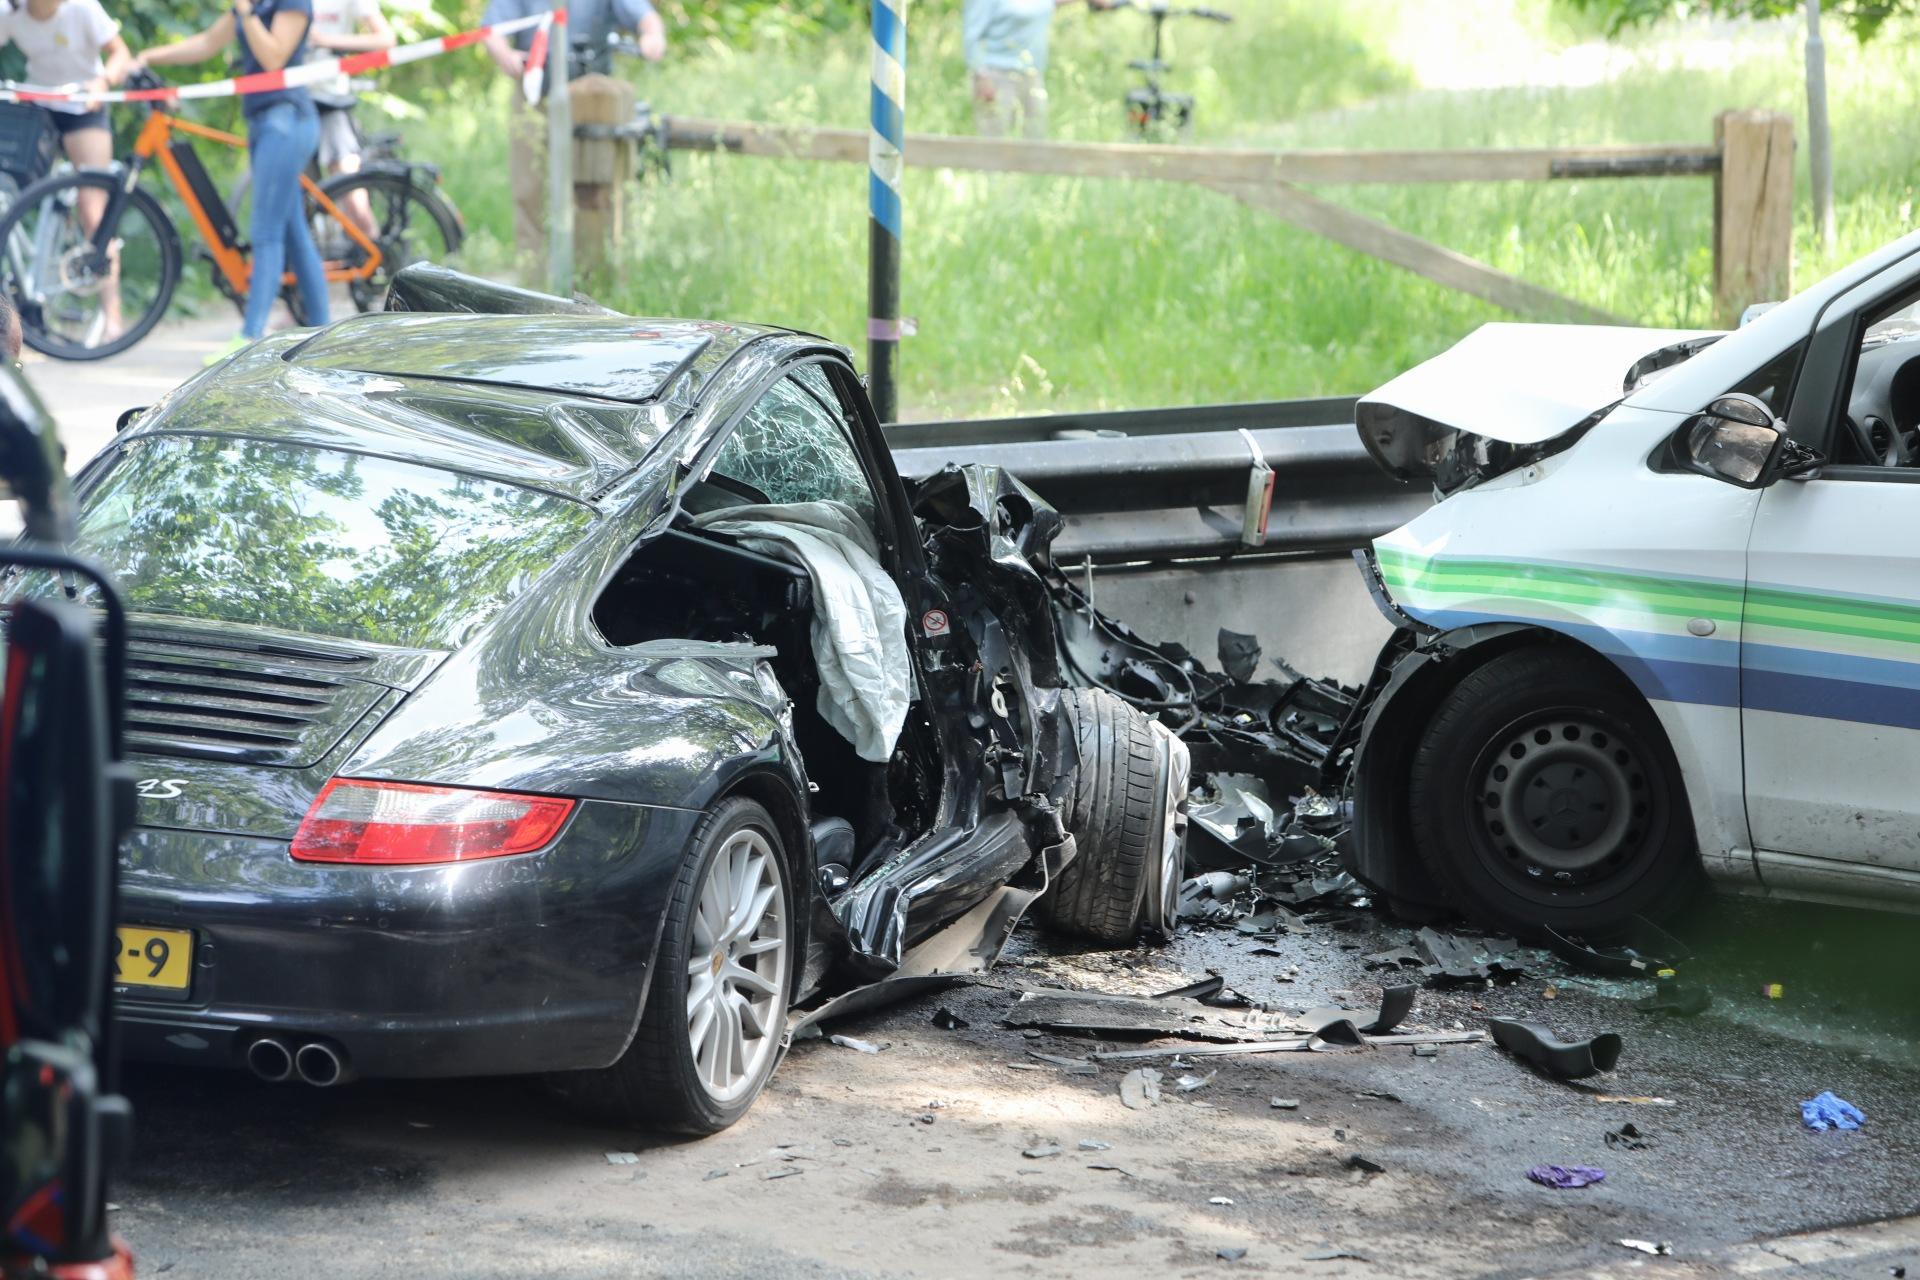 Frontale botsing in Soest: bestuurders in kritieke toestand naar ziekenhuis